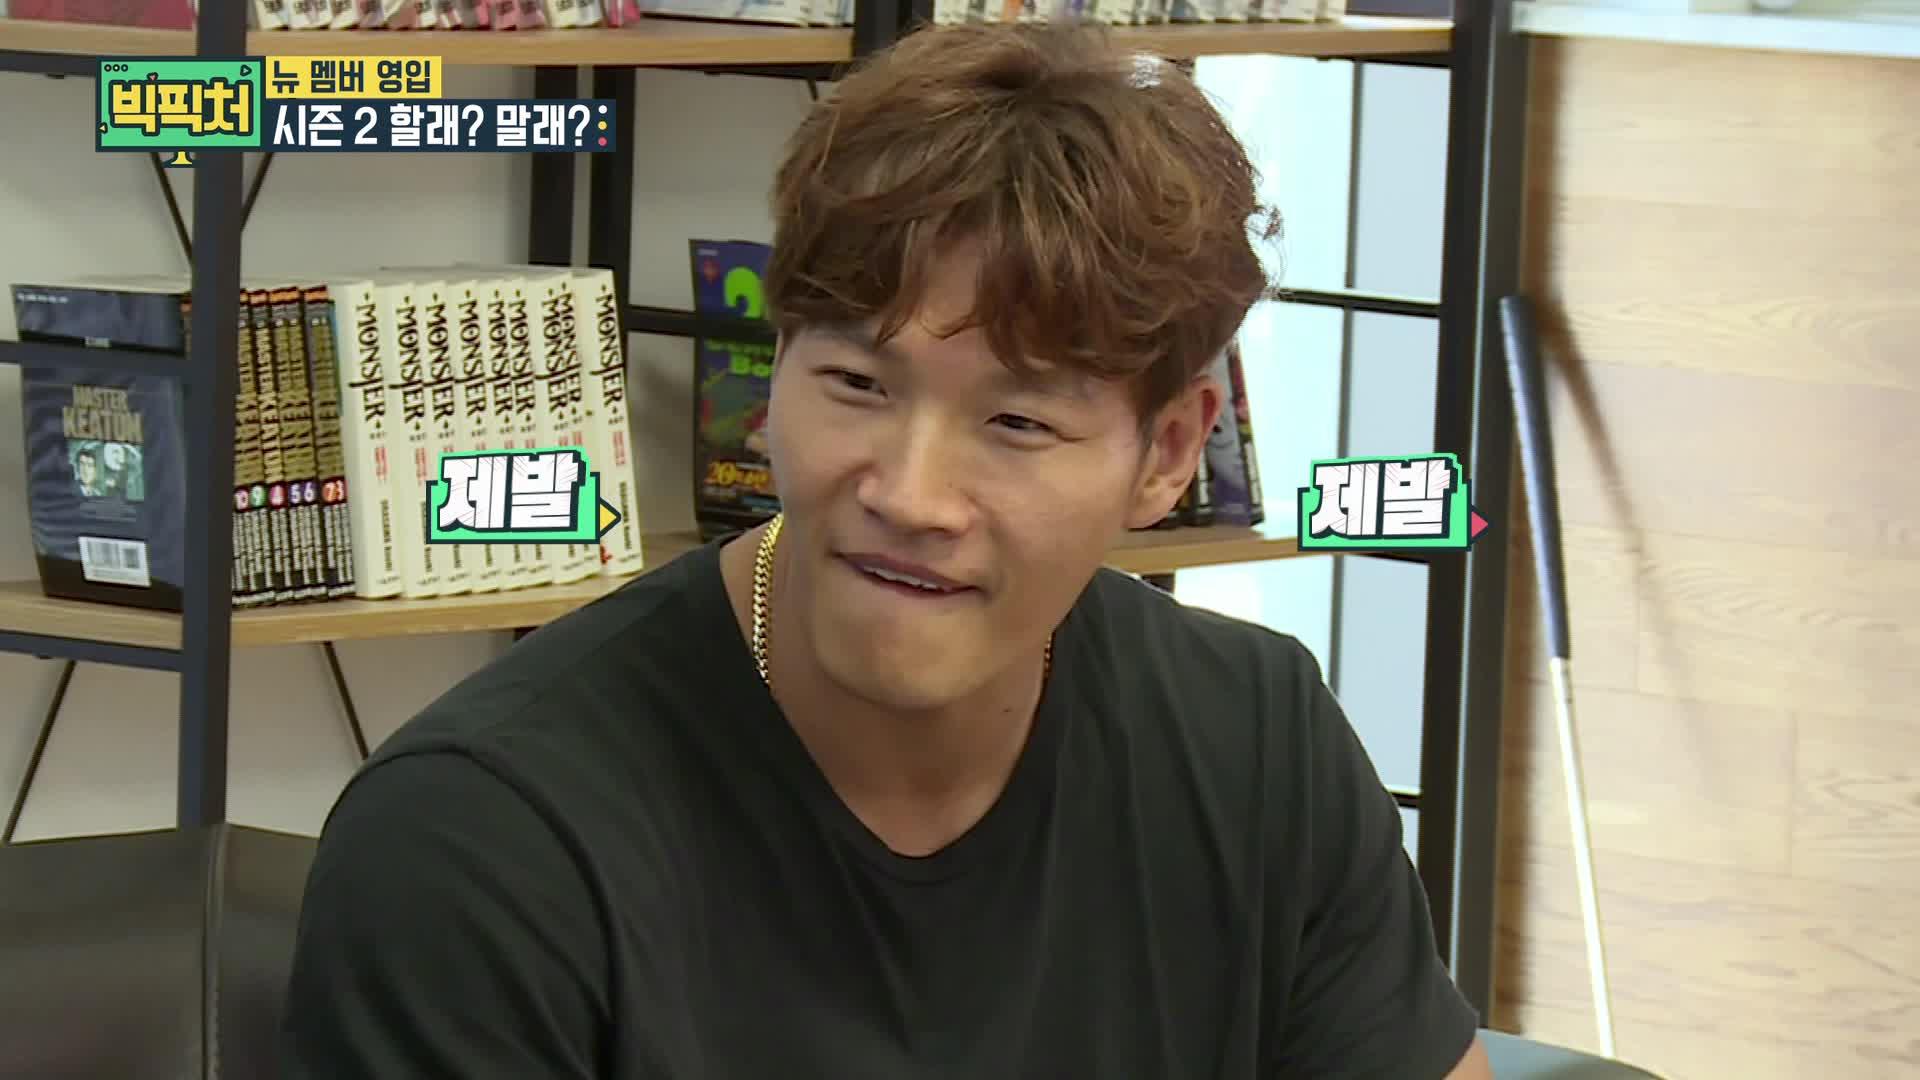 빅픽처 ep96_김종국 결혼(?) 빅픽처 단독 공개?!